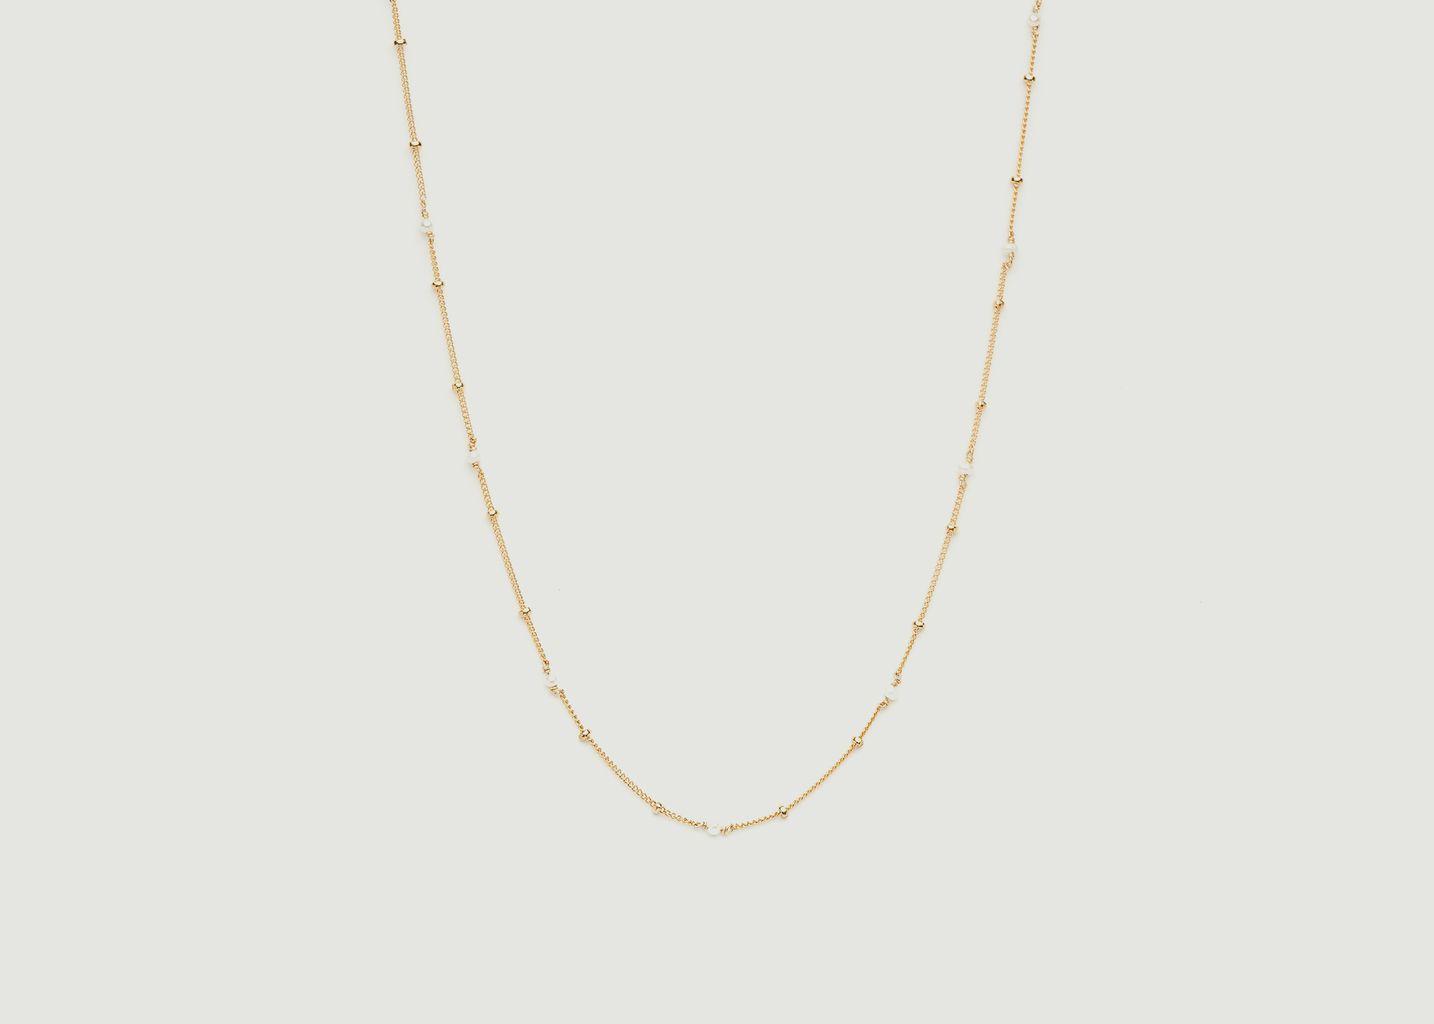 Collier gold filled avec pierres de culture Satellite - YAY